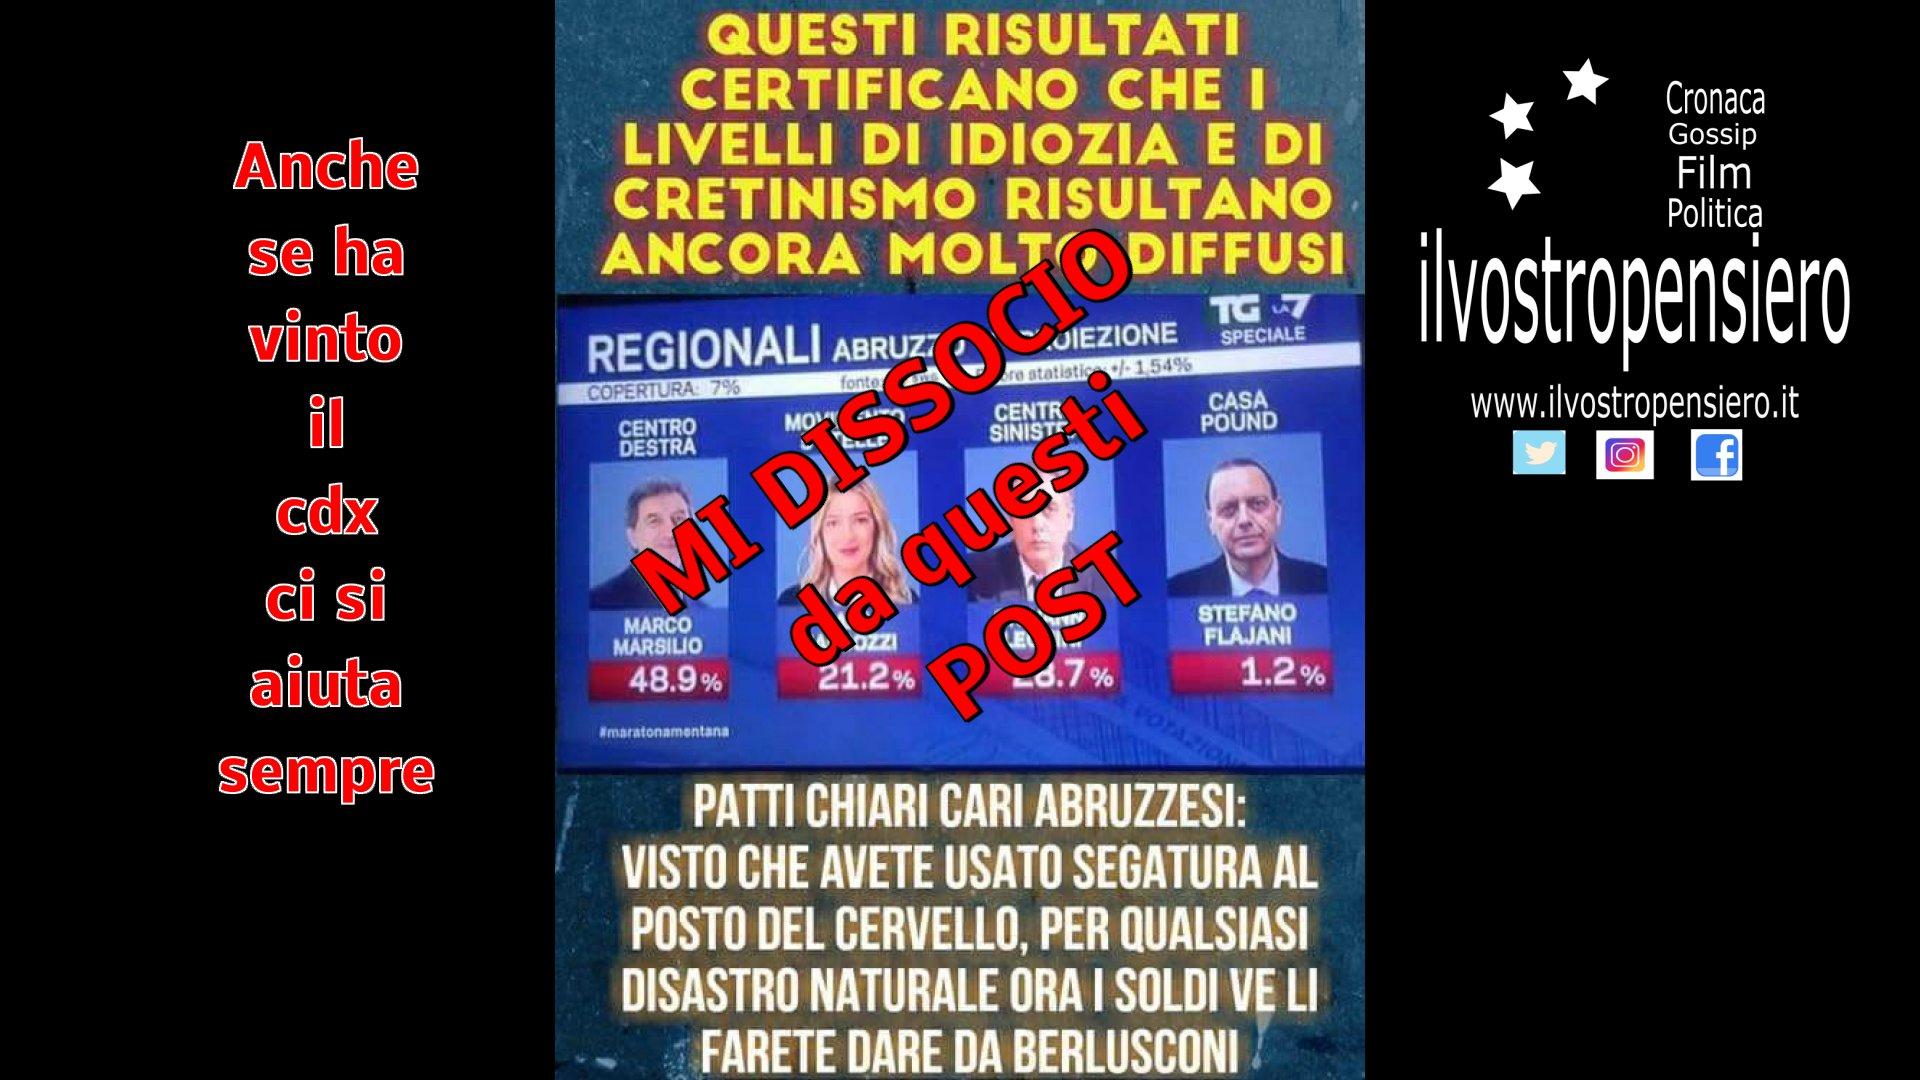 Web: girano post contro gli Abruzzesi per aver votato il Centro Destra